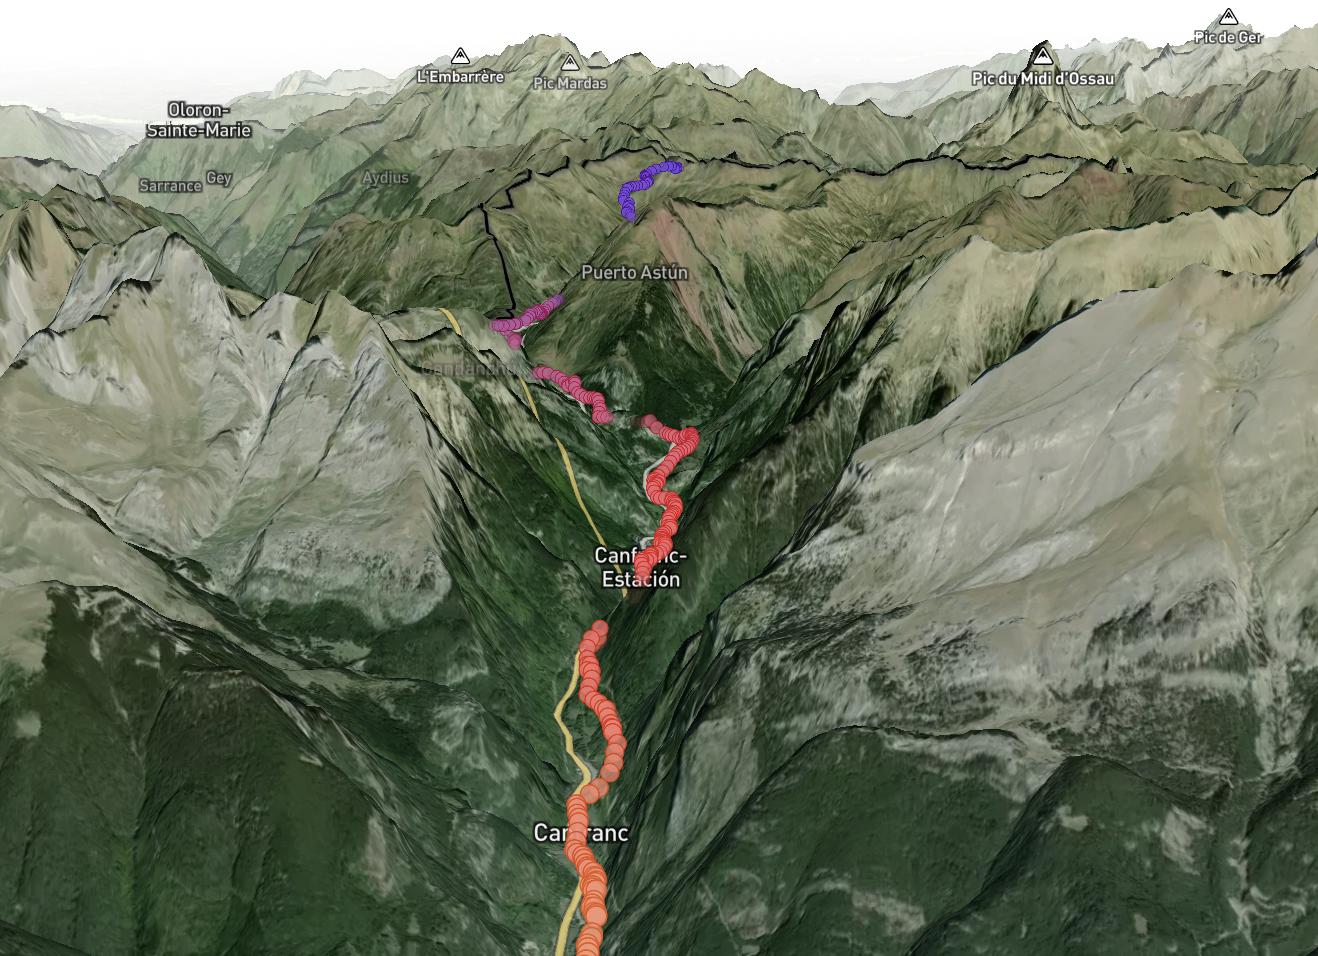 nuevos trucos #mapbox #knime #caminodesantiago #aragón #visualización